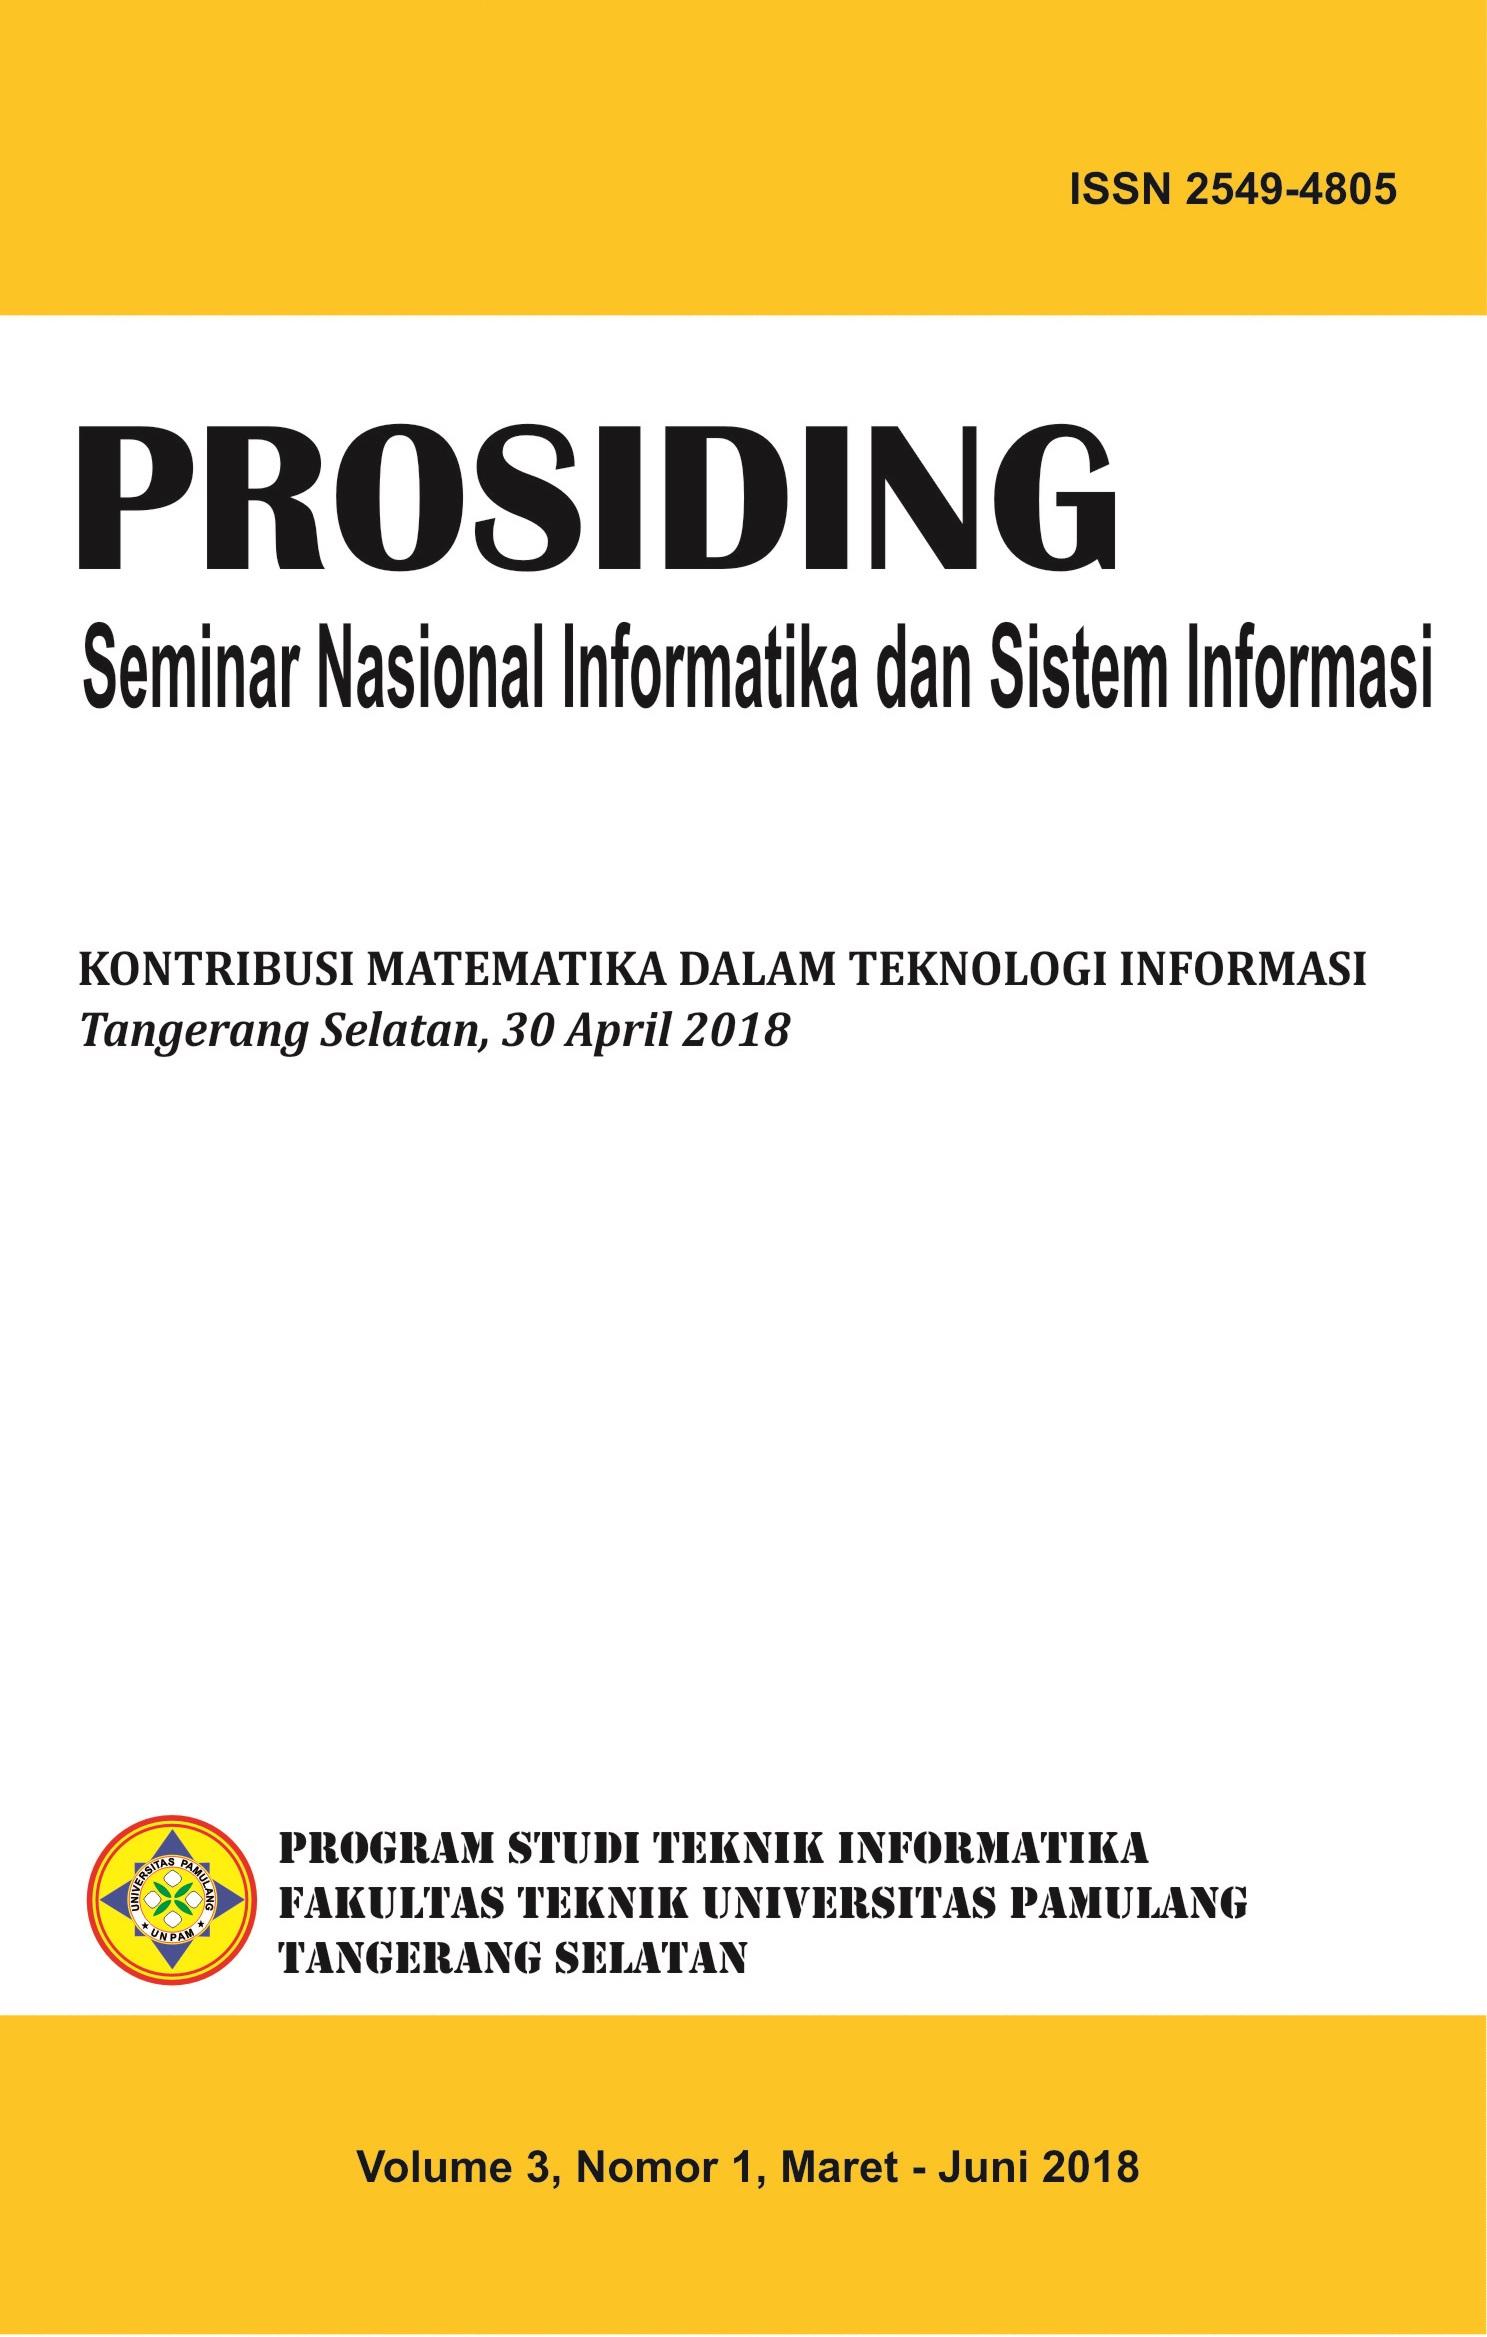 Vol.3 No.1 : Kontribusi Matematika dalam Teknologi Informasi